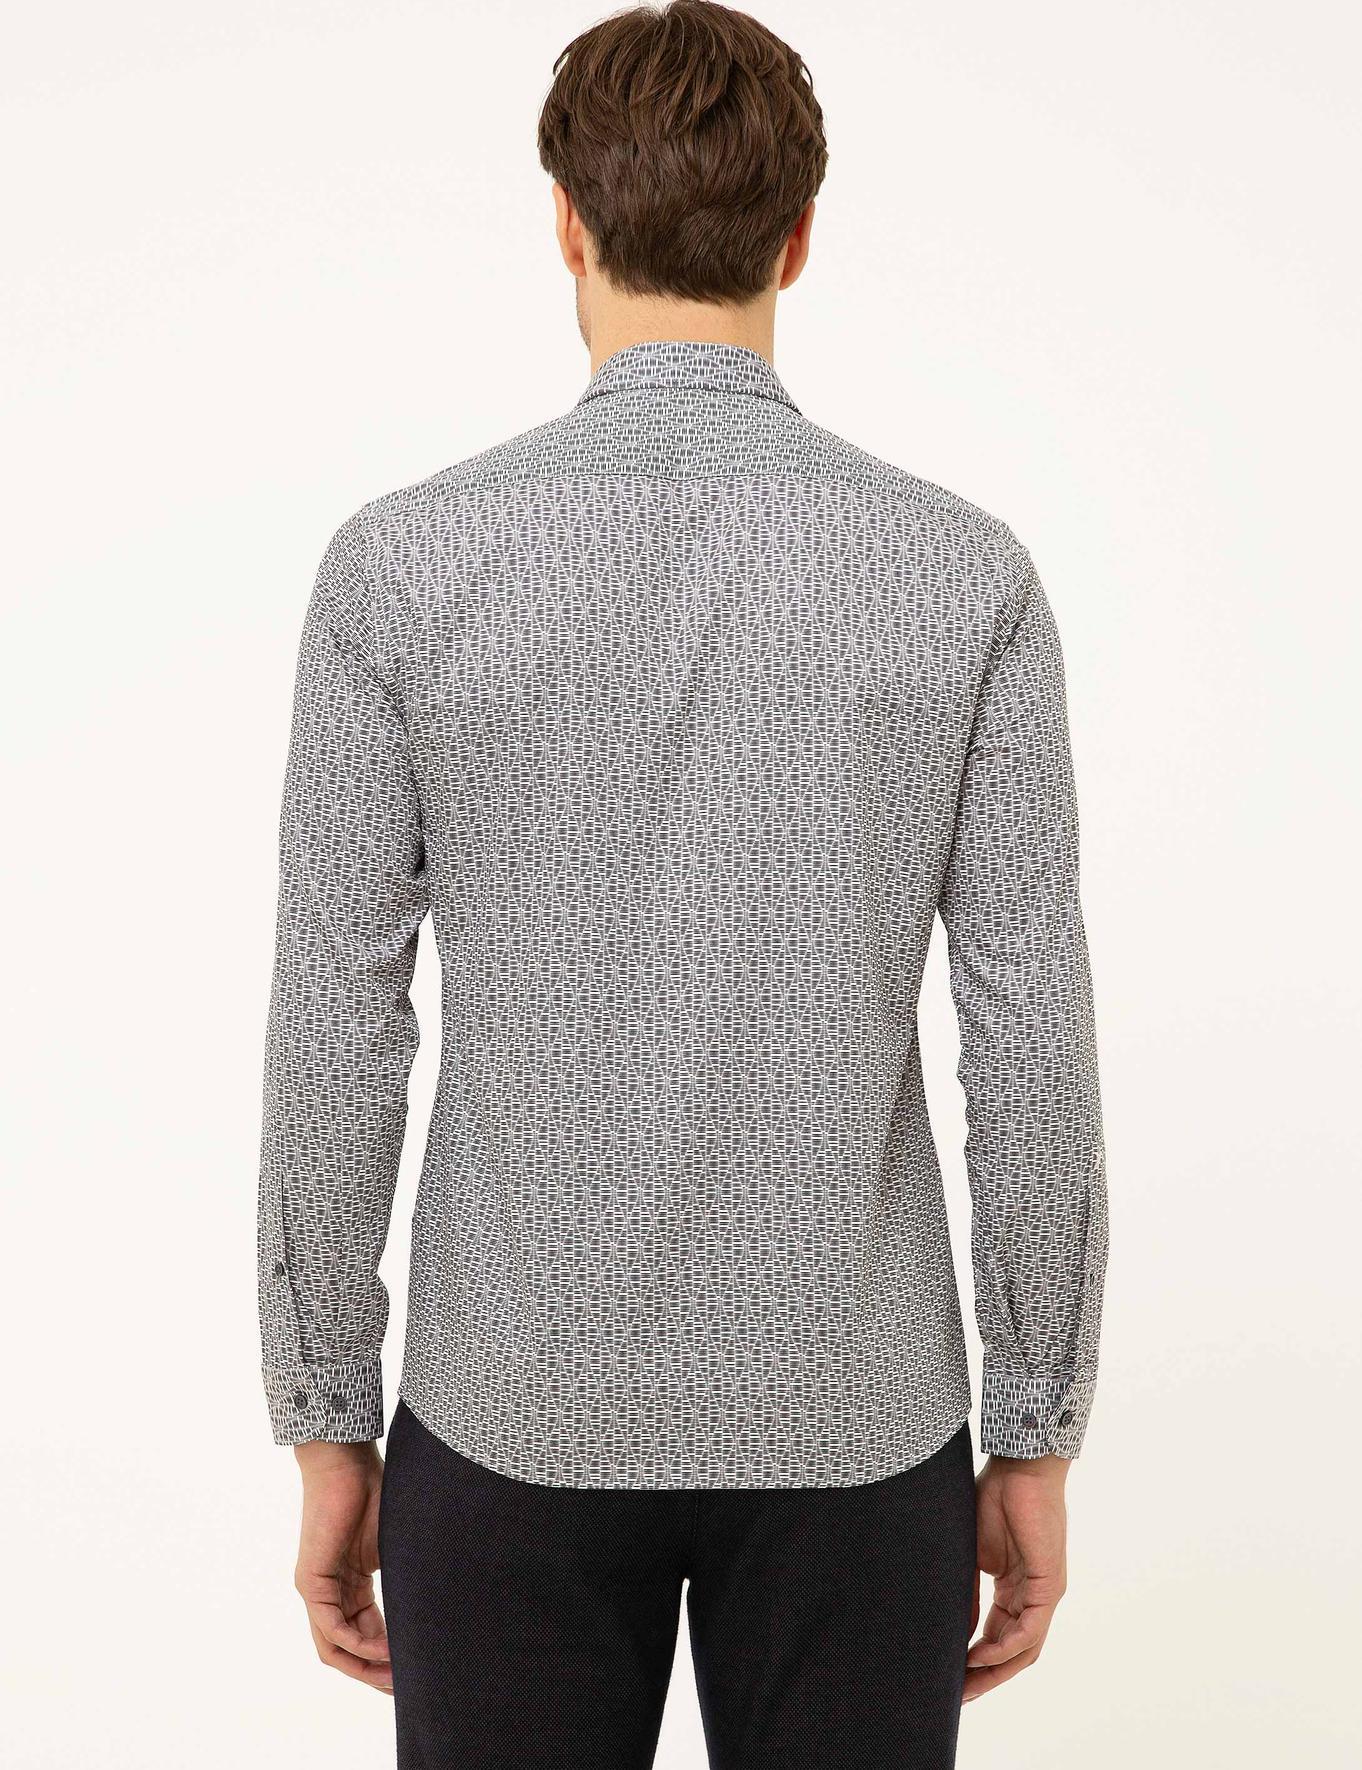 Siyah Slim Fit Gömlek - 50210134004